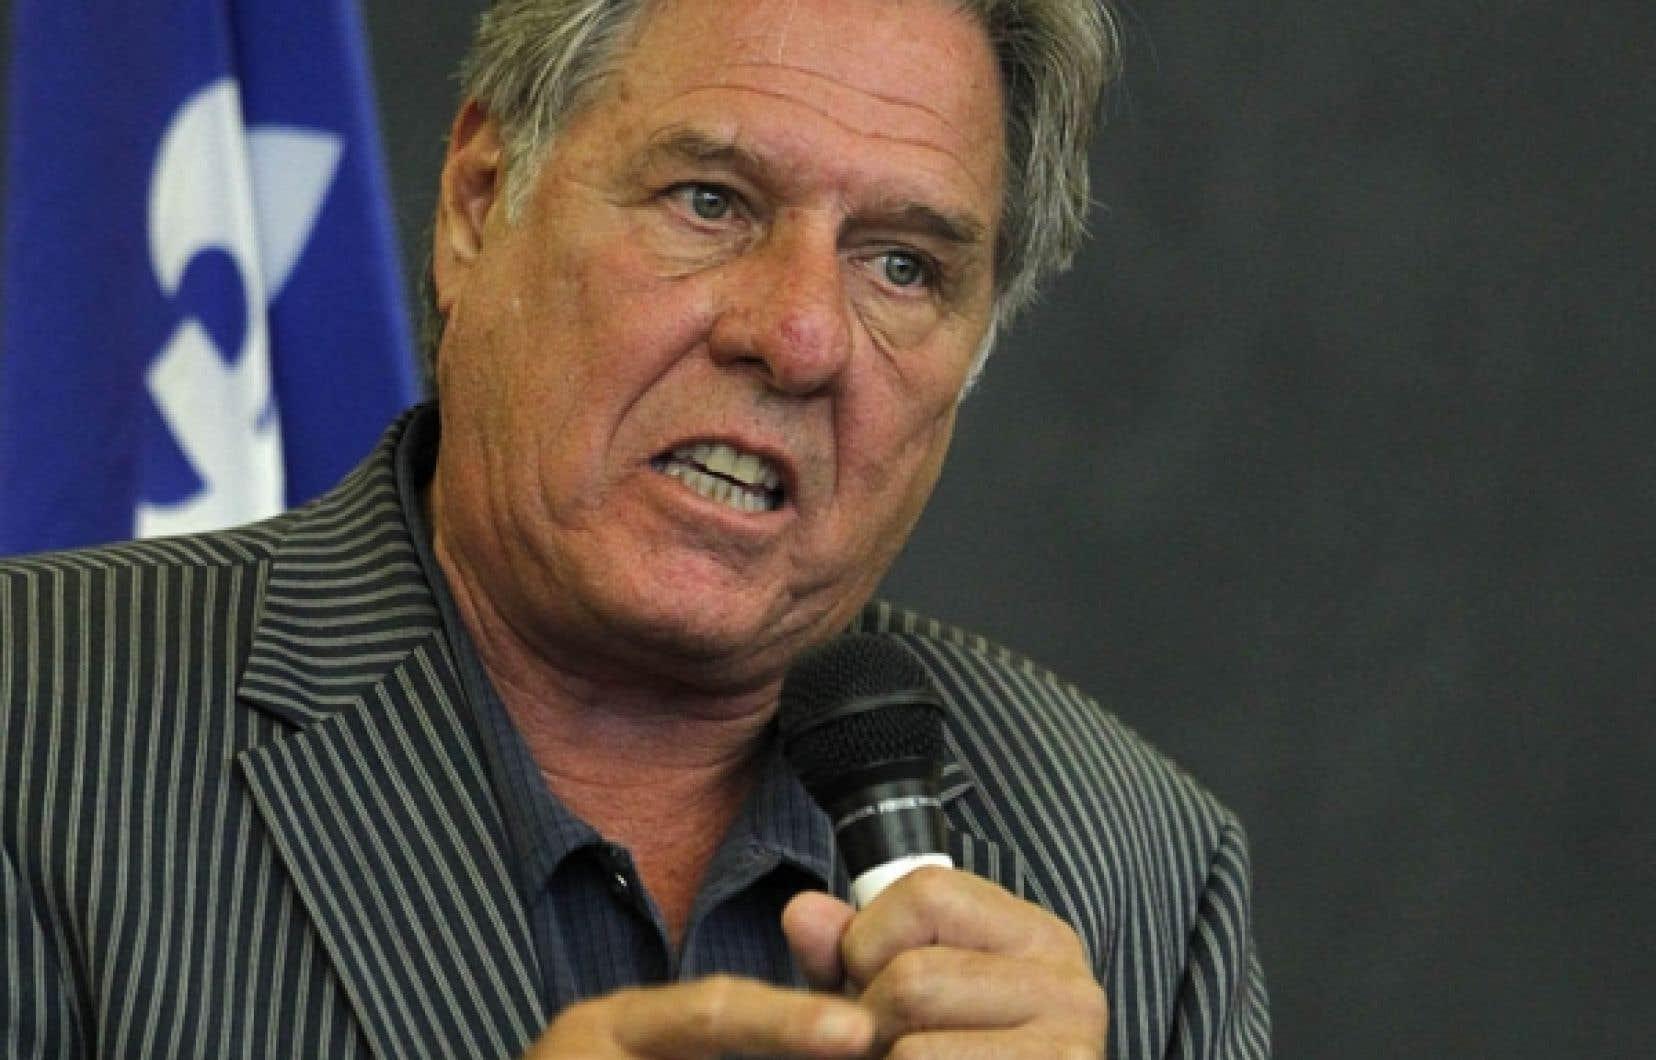 Le député de Borduas soutient qu'il ne plongerait que s'il acquérait «la conviction que le parti, la culture du parti et le climat du parti sont prêts à accueillir des propositions pour un renouvellement sérieux des institutions démocratiques».